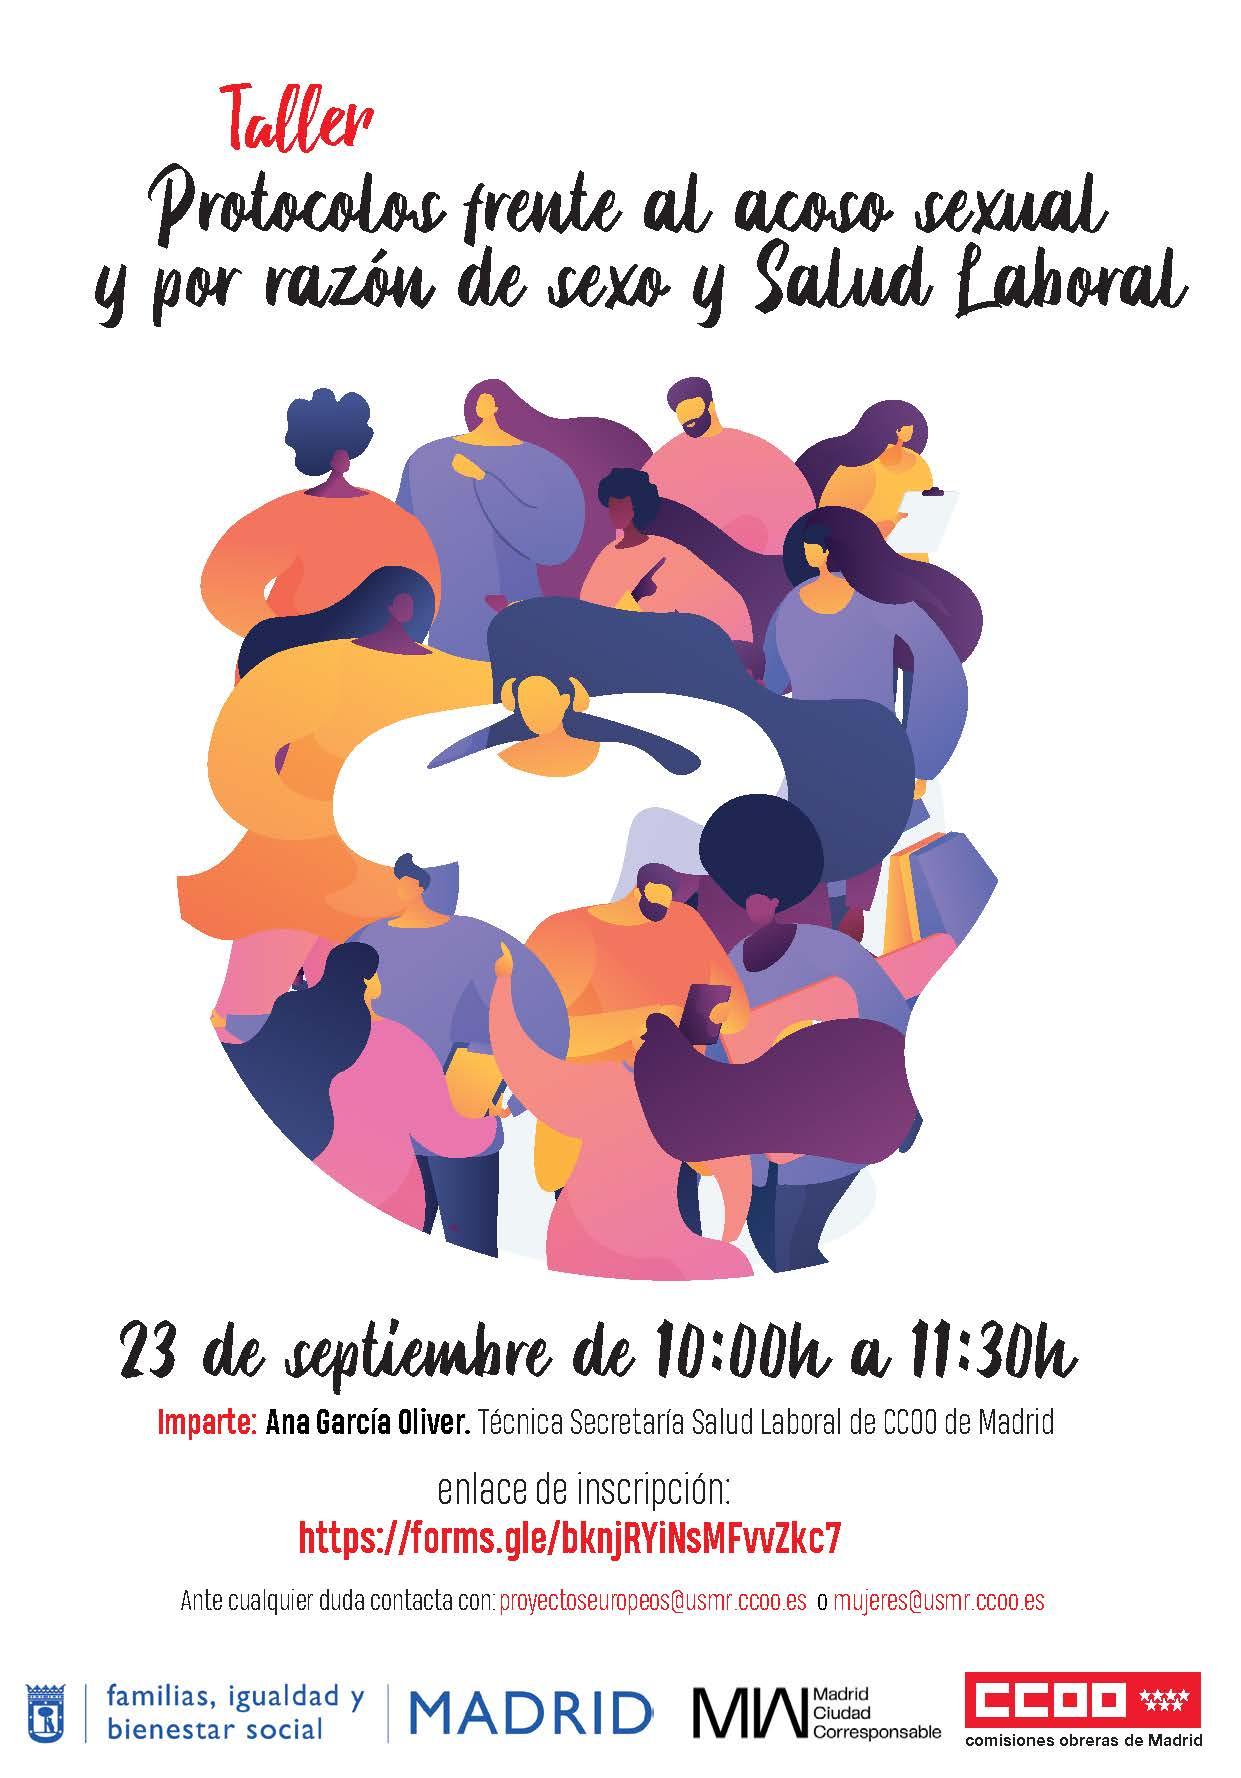 TALLER PROTOCOLOS ACOSO SEXUAL Y POR RAZÓN DE SEXO Y SALUD LABORAL_23_09_2021